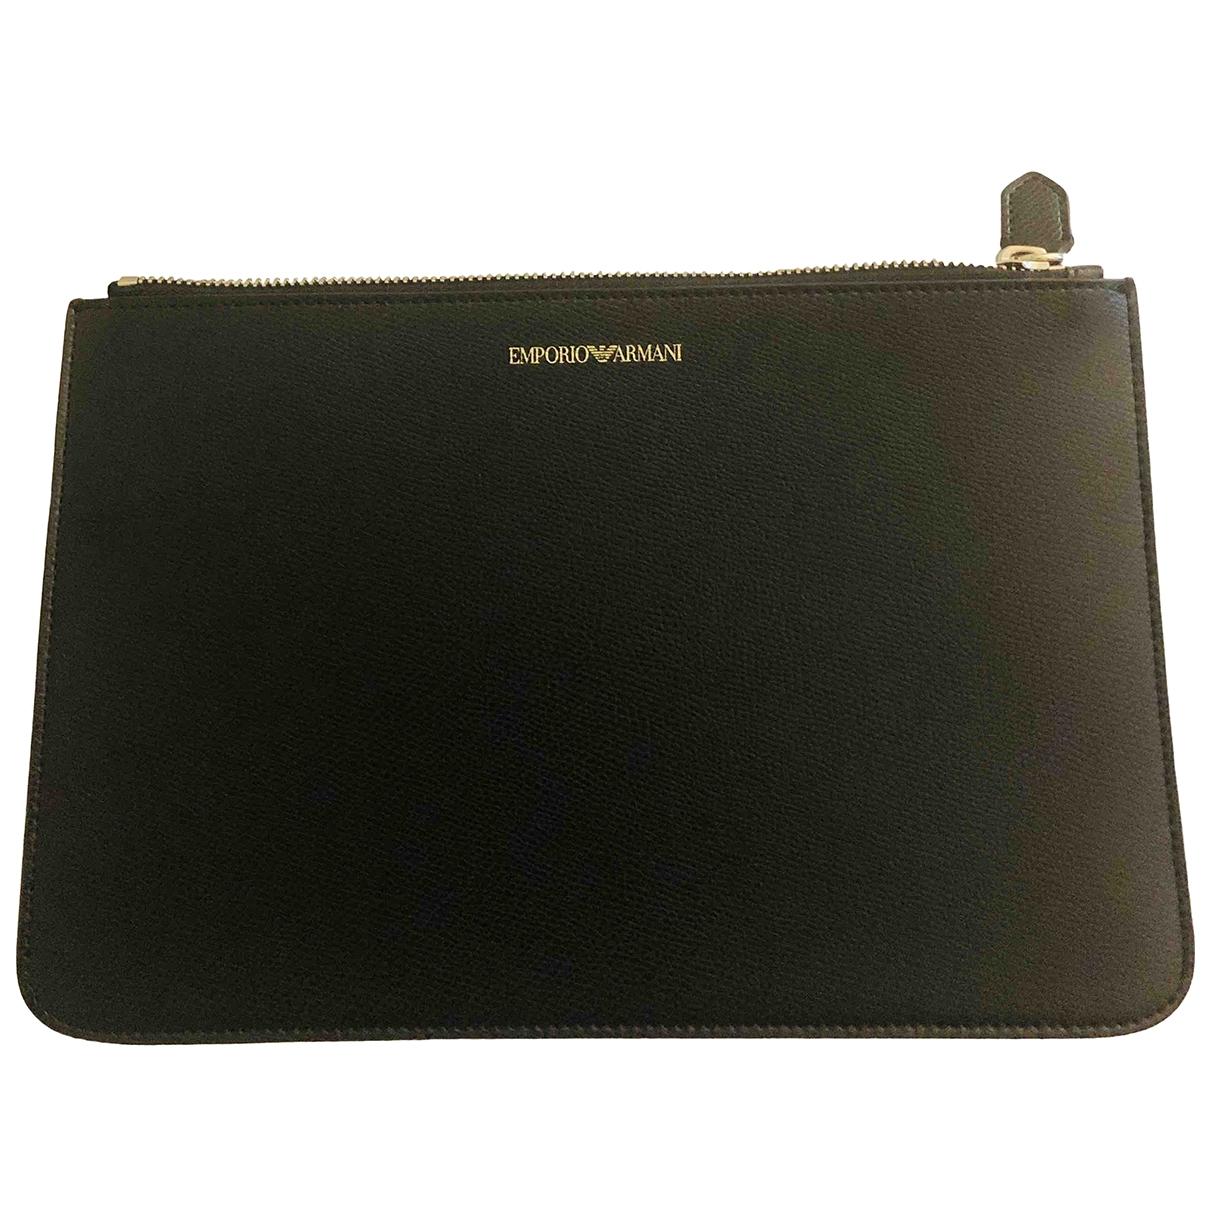 Emporio Armani \N Black Leather Clutch bag for Women \N